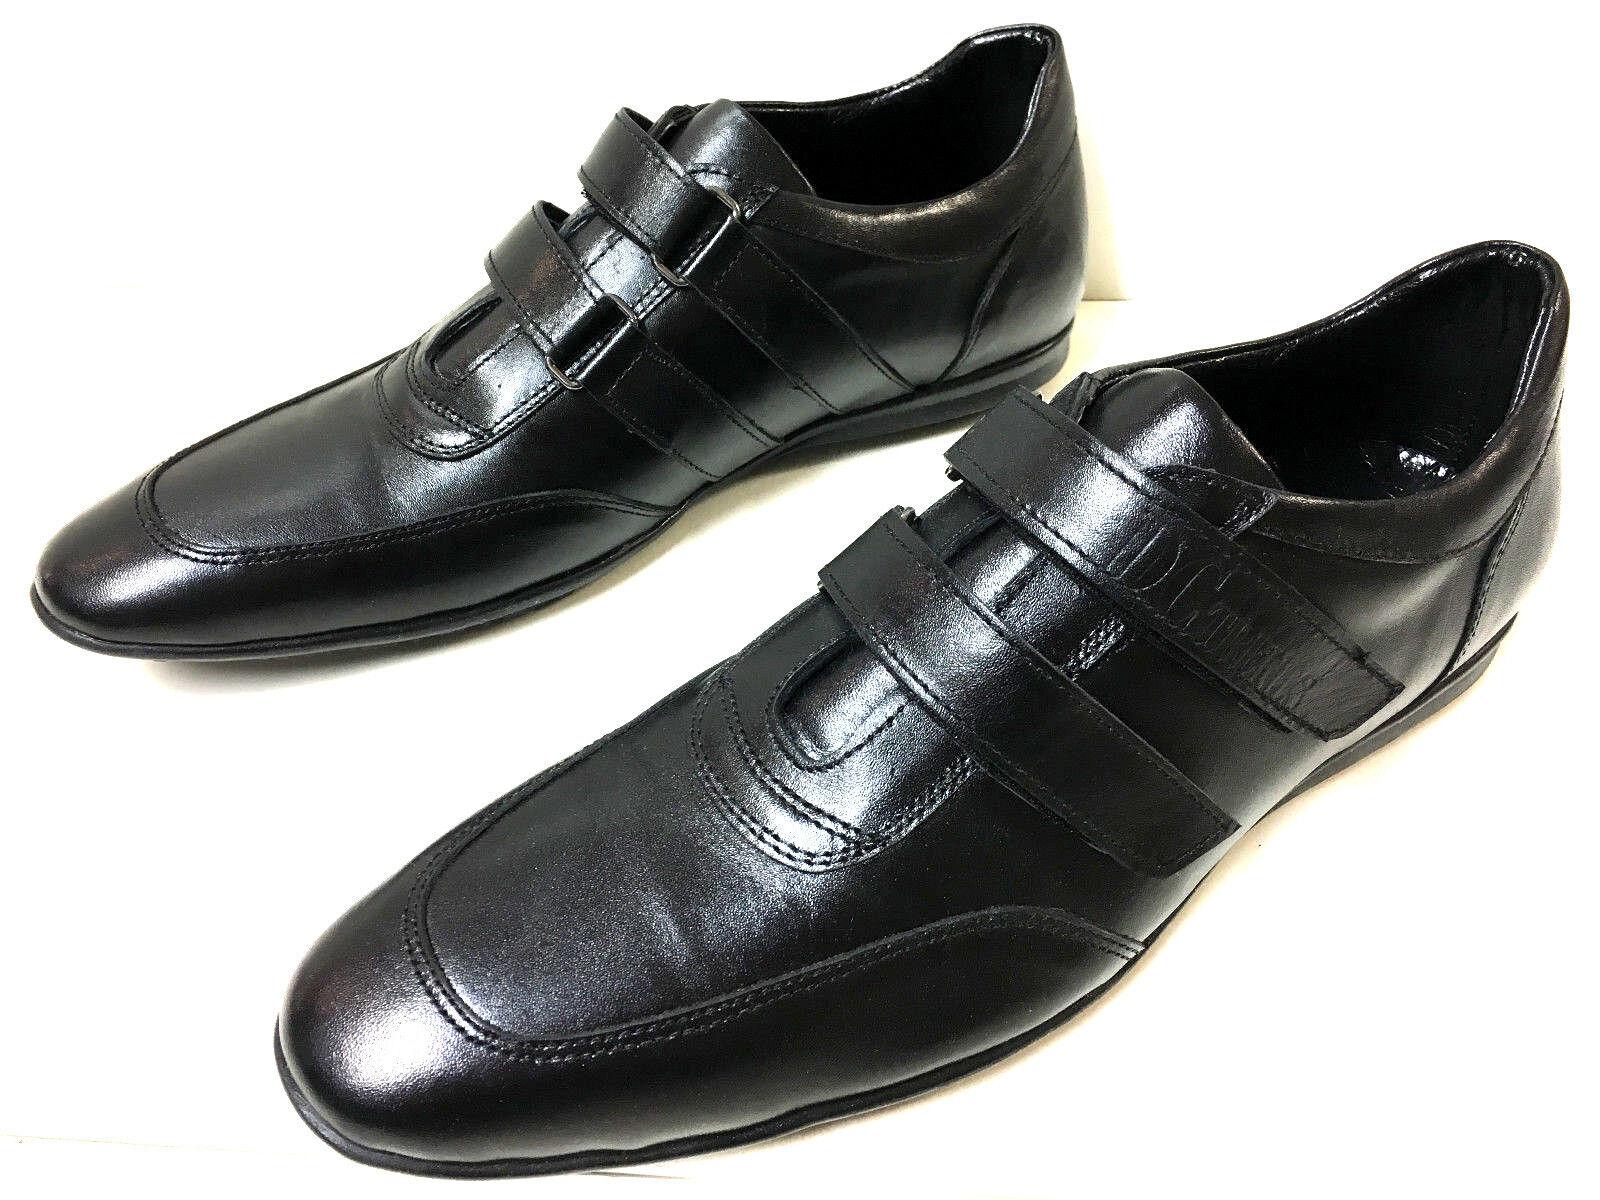 Diseño caballero cuero auténtico zapatillas zapatos de mano de suela plana negro 43